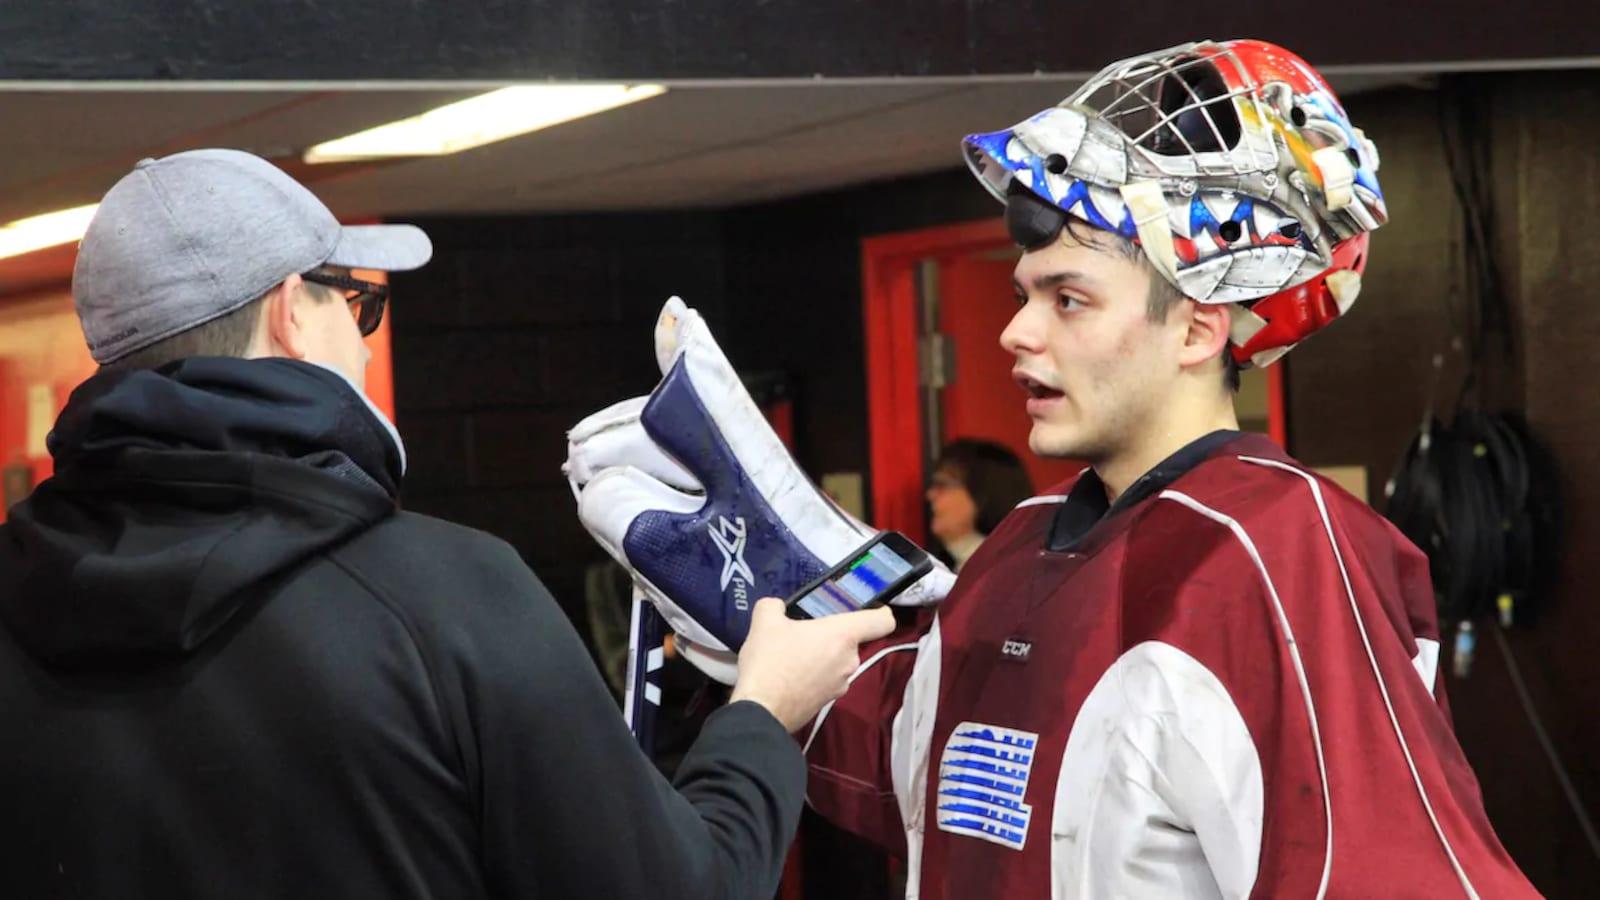 Une jeune homme vêtu d'un équipement de hockey donne une entrevue à un journaliste qui tient son téléphone devant le jeune homme.